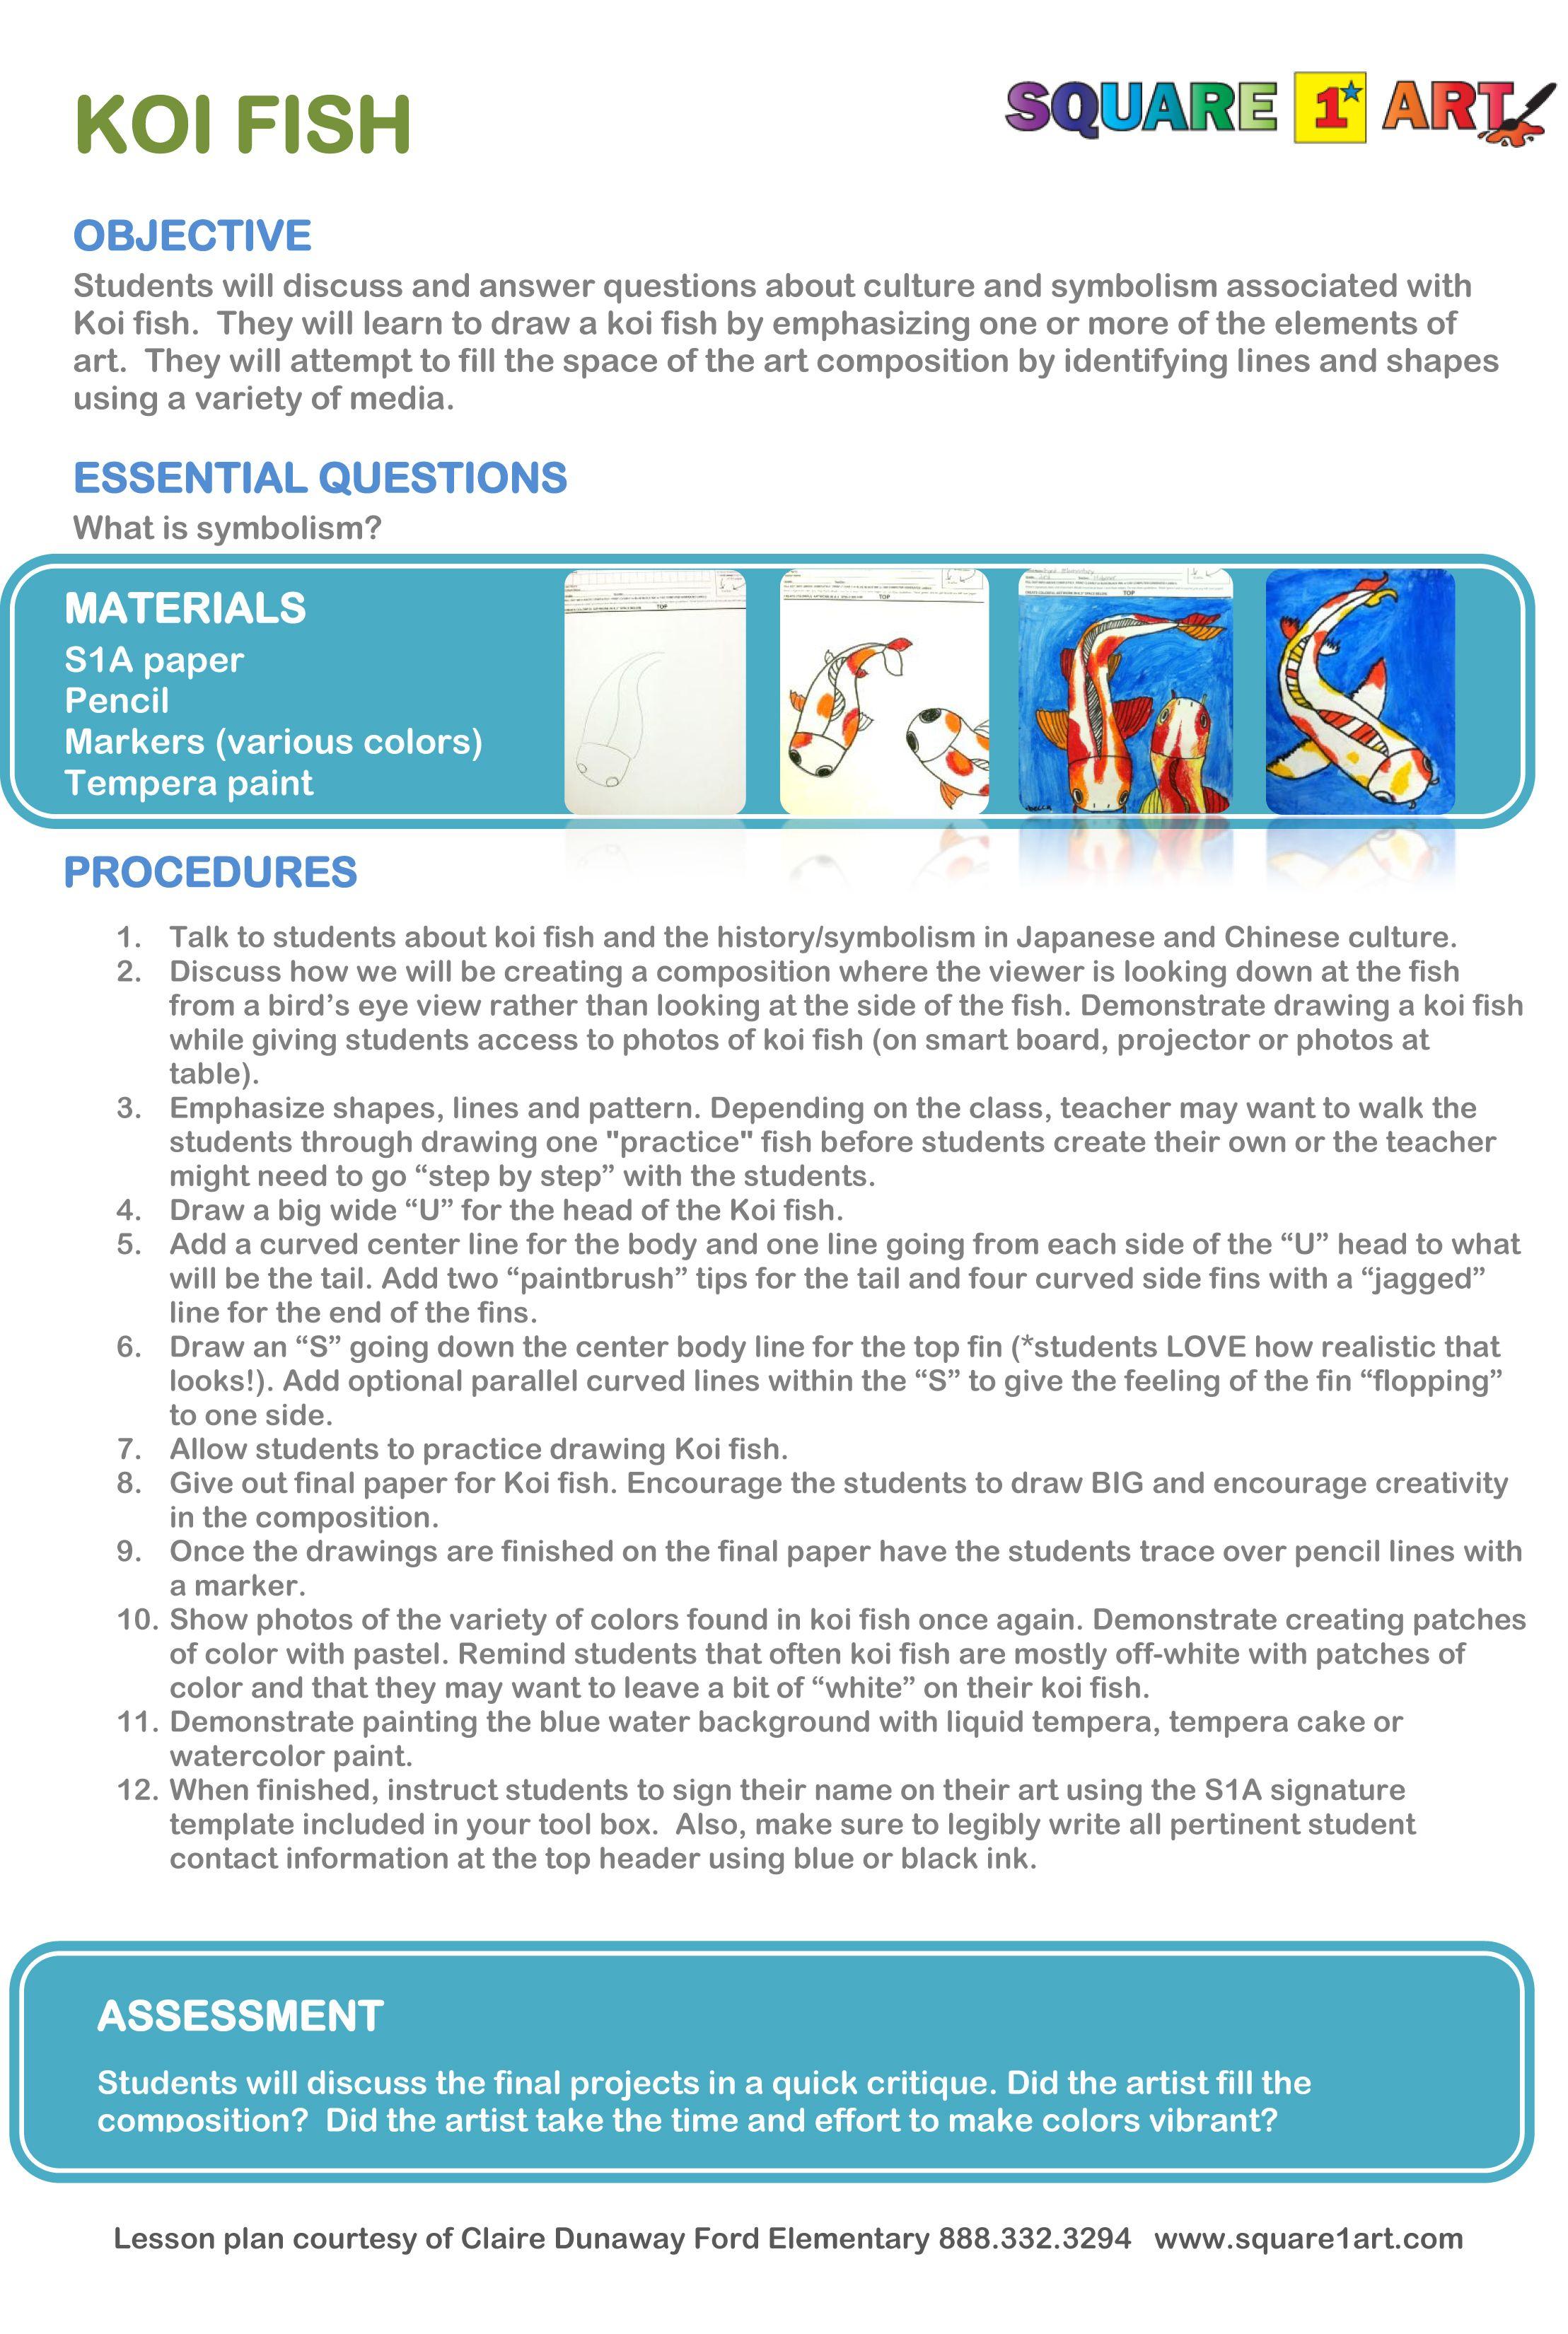 Koi Fish Lesson Plan Square1art